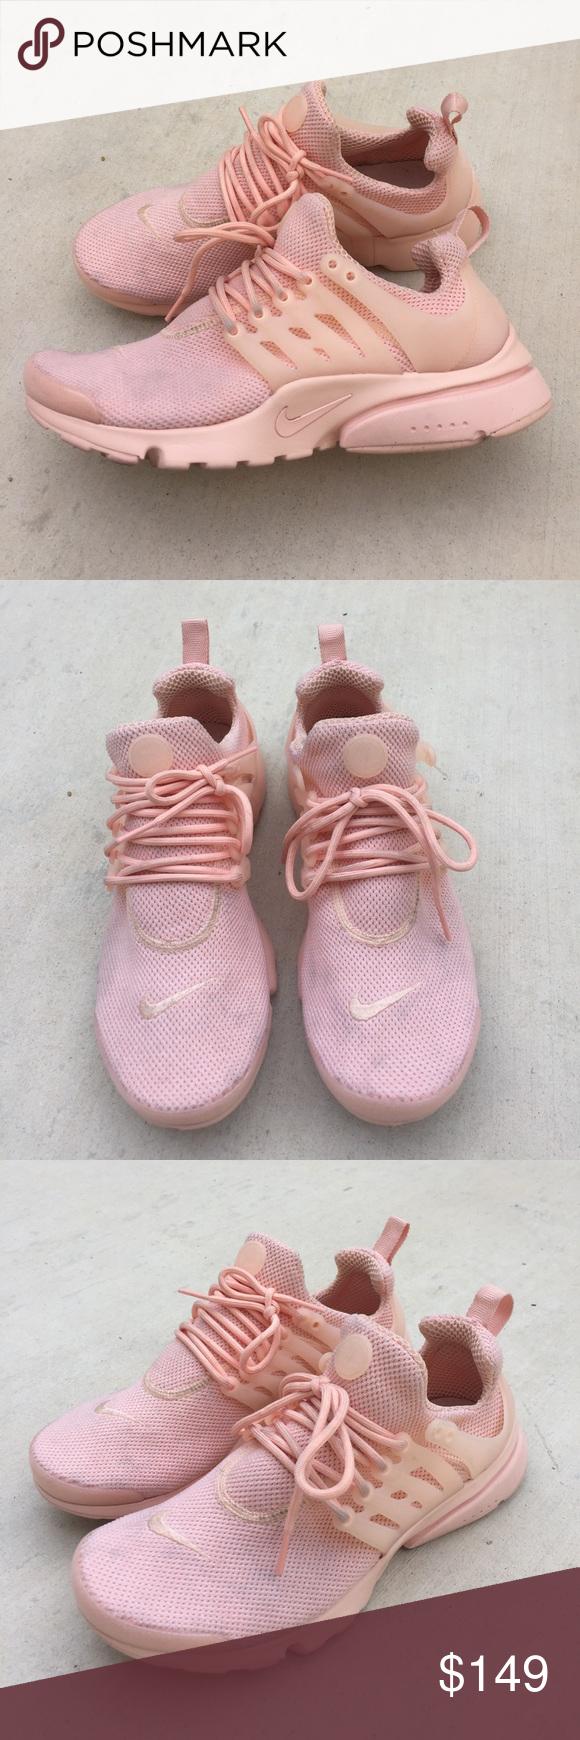 Nike Air Presto Sz 8 Pink Peach